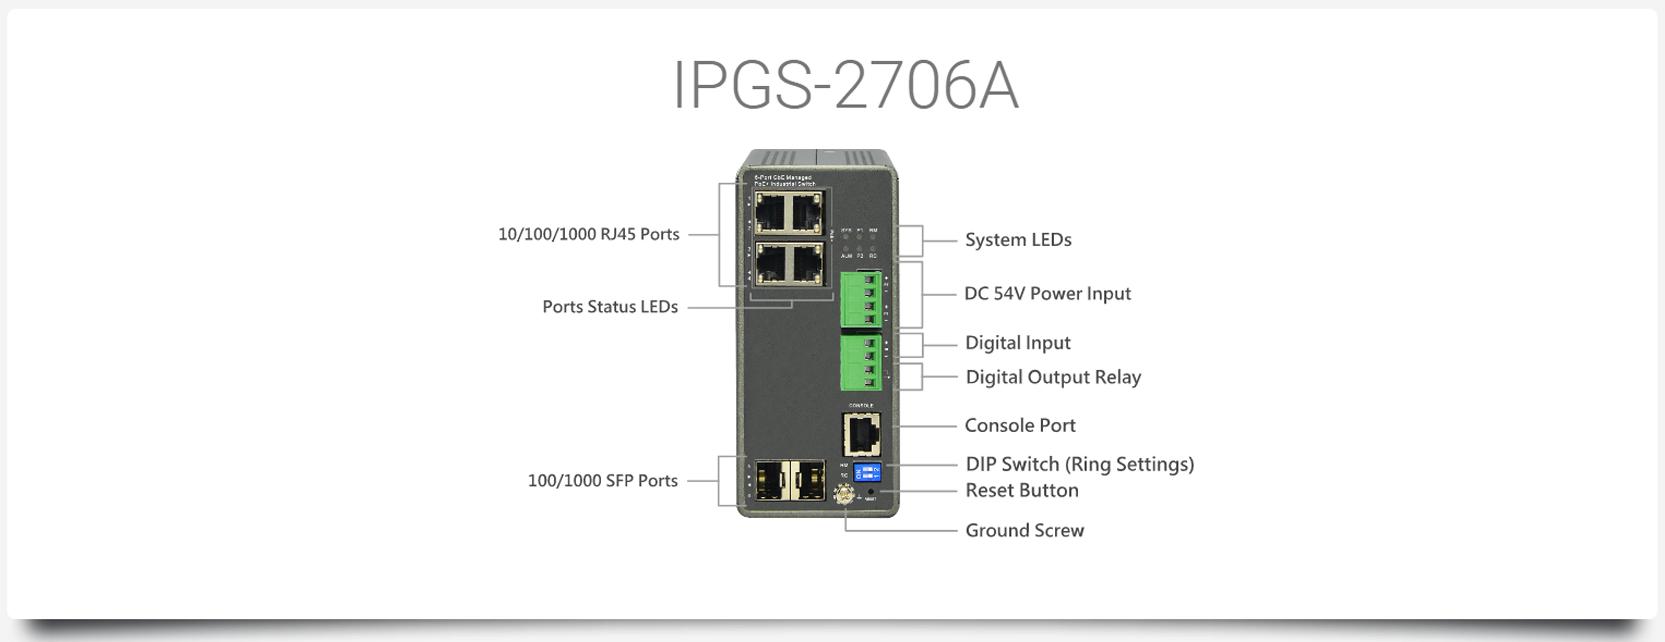 IPGS-2706A